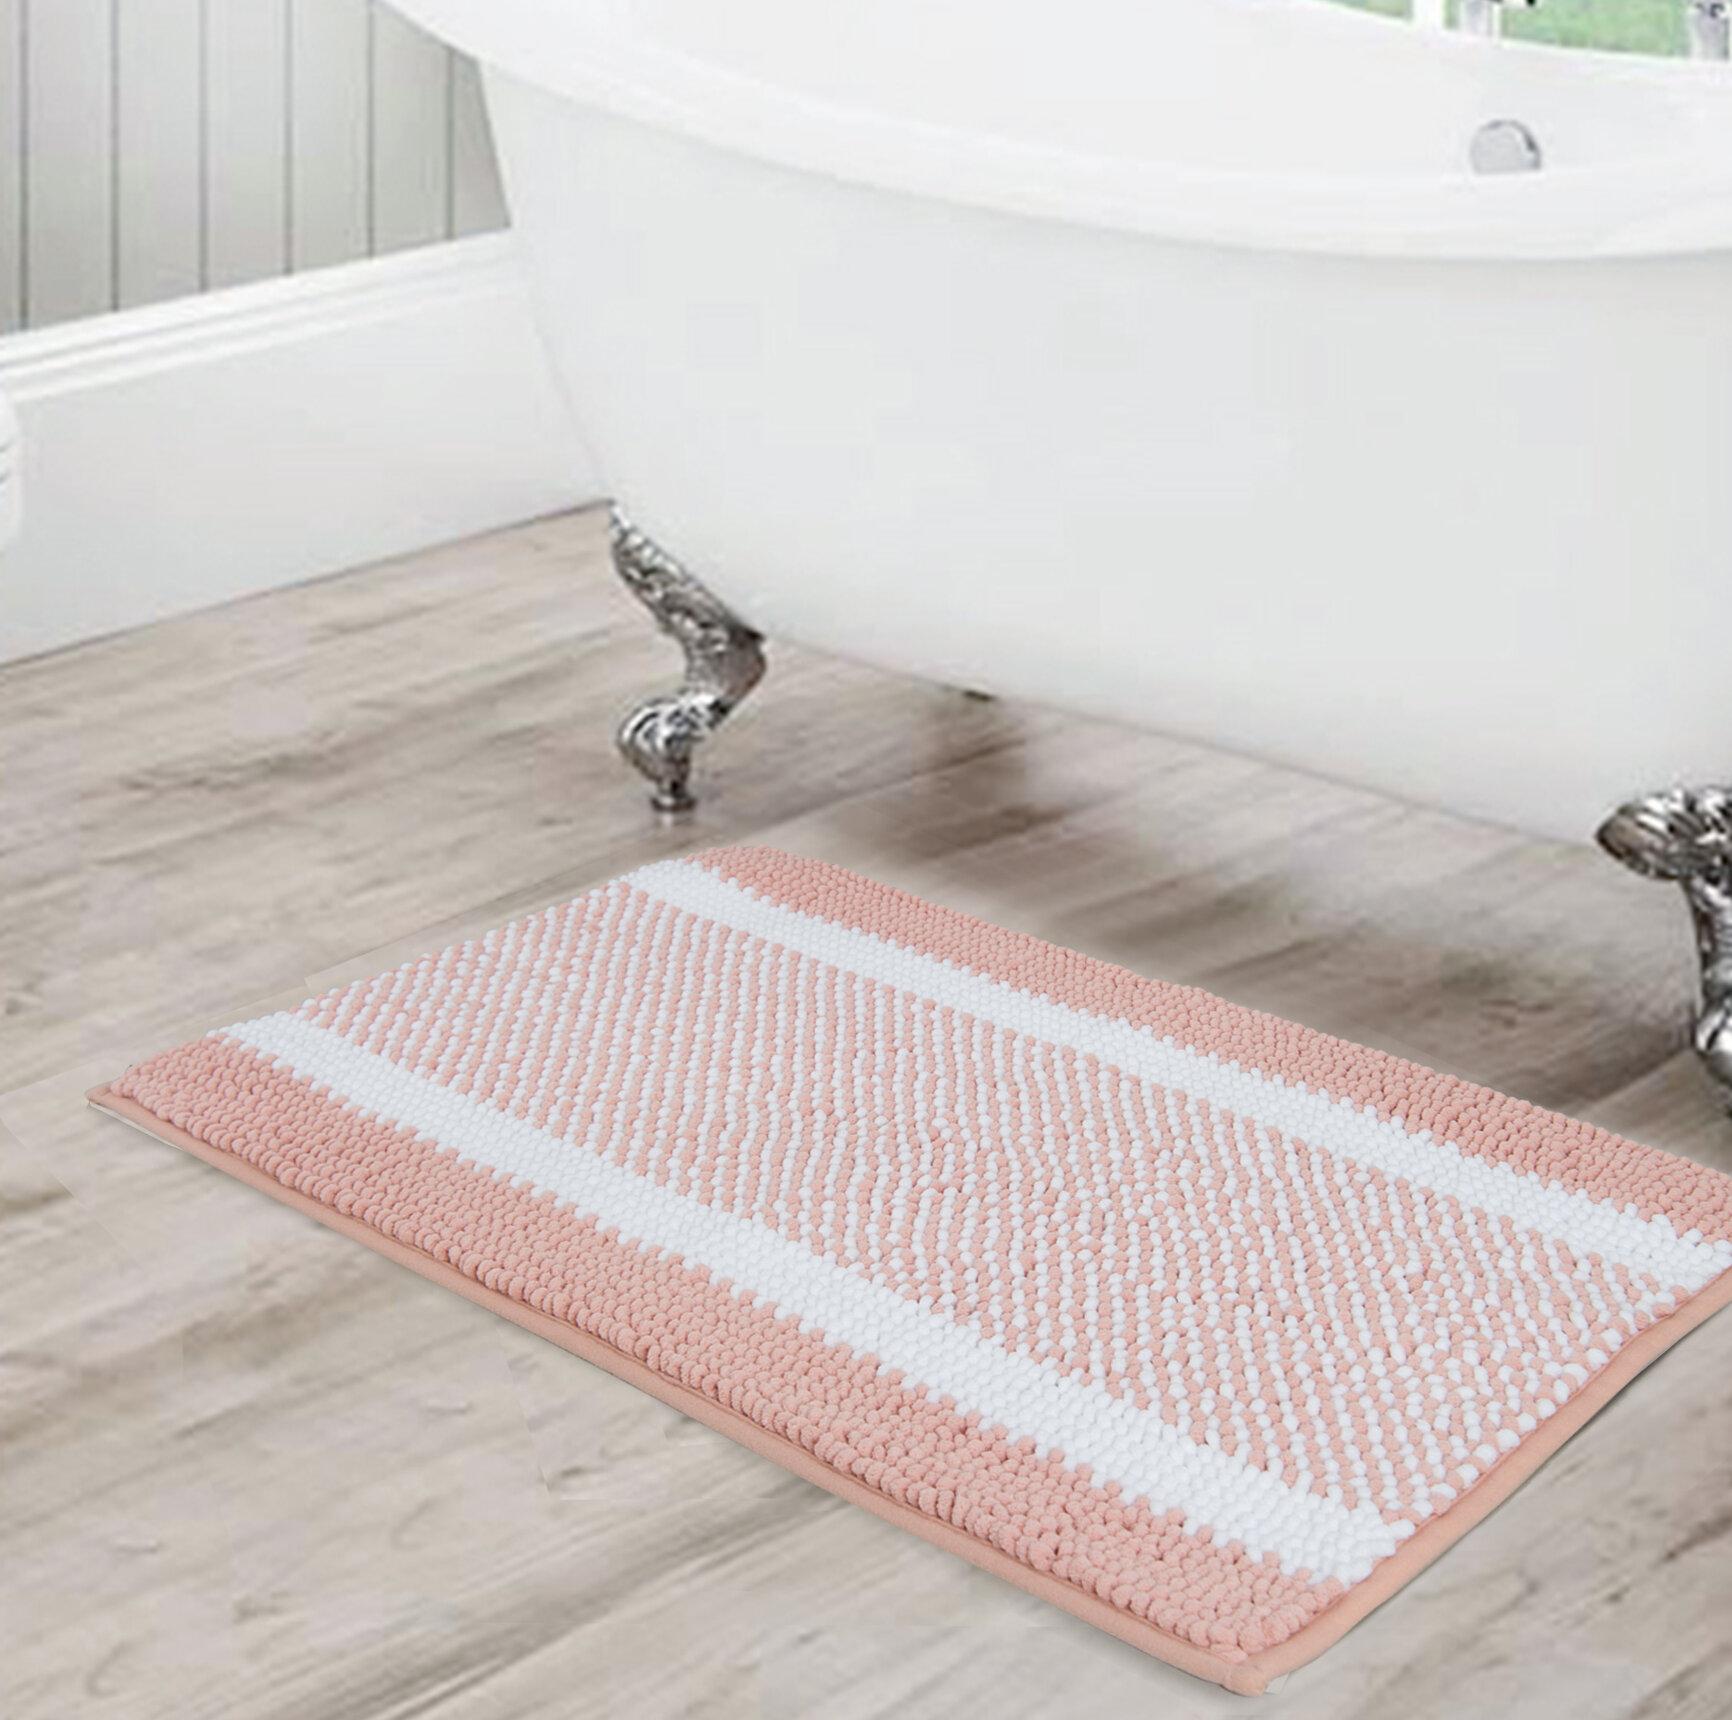 Bathroom Rug Sprint 2er Bath Mat Rug Bath Shower Mat Rug